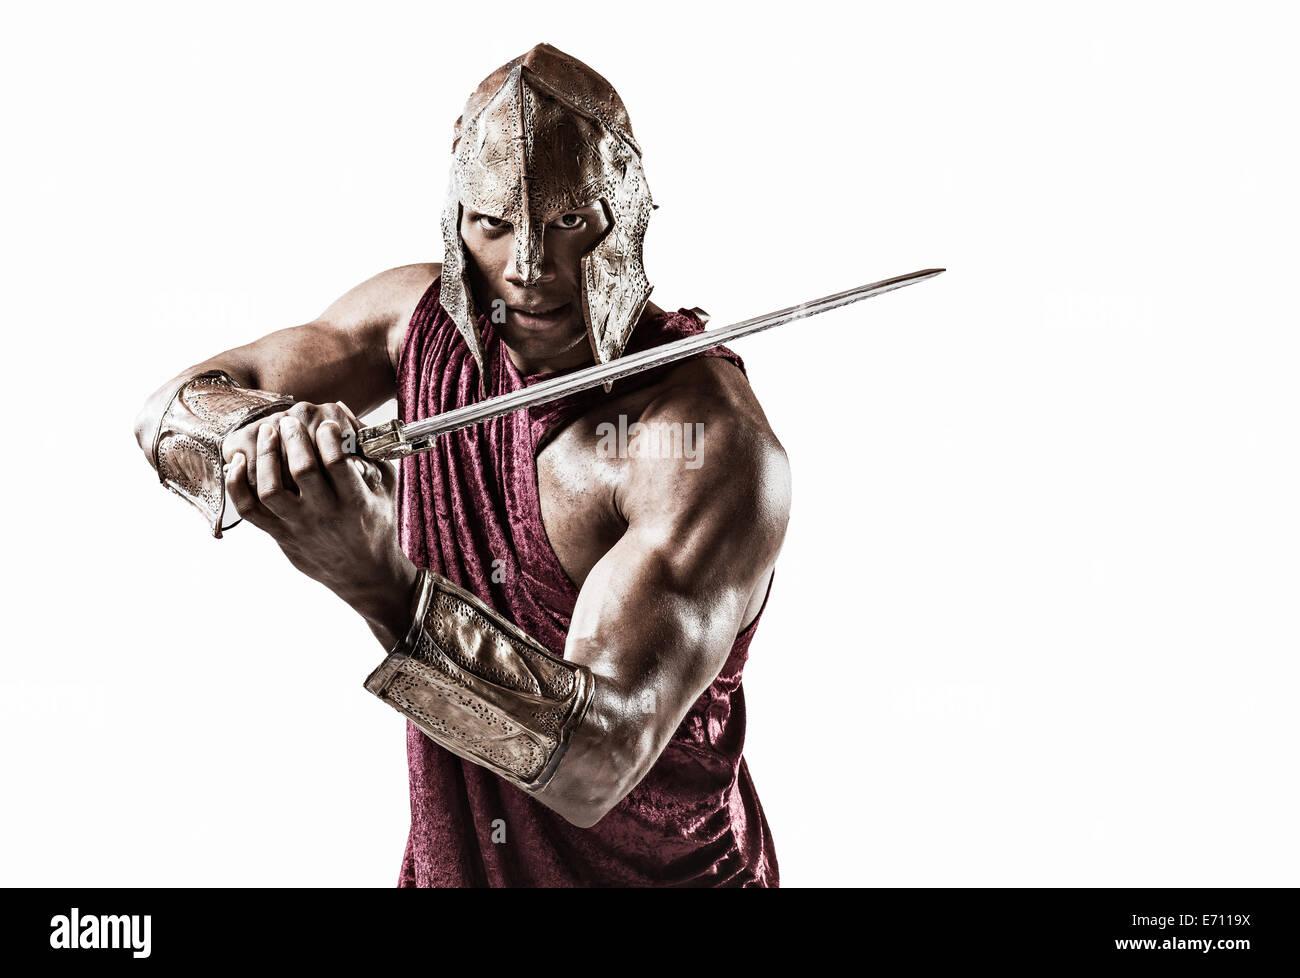 Retrato de estudio de musculoso joven vestida como gladiator con casco y espada Imagen De Stock